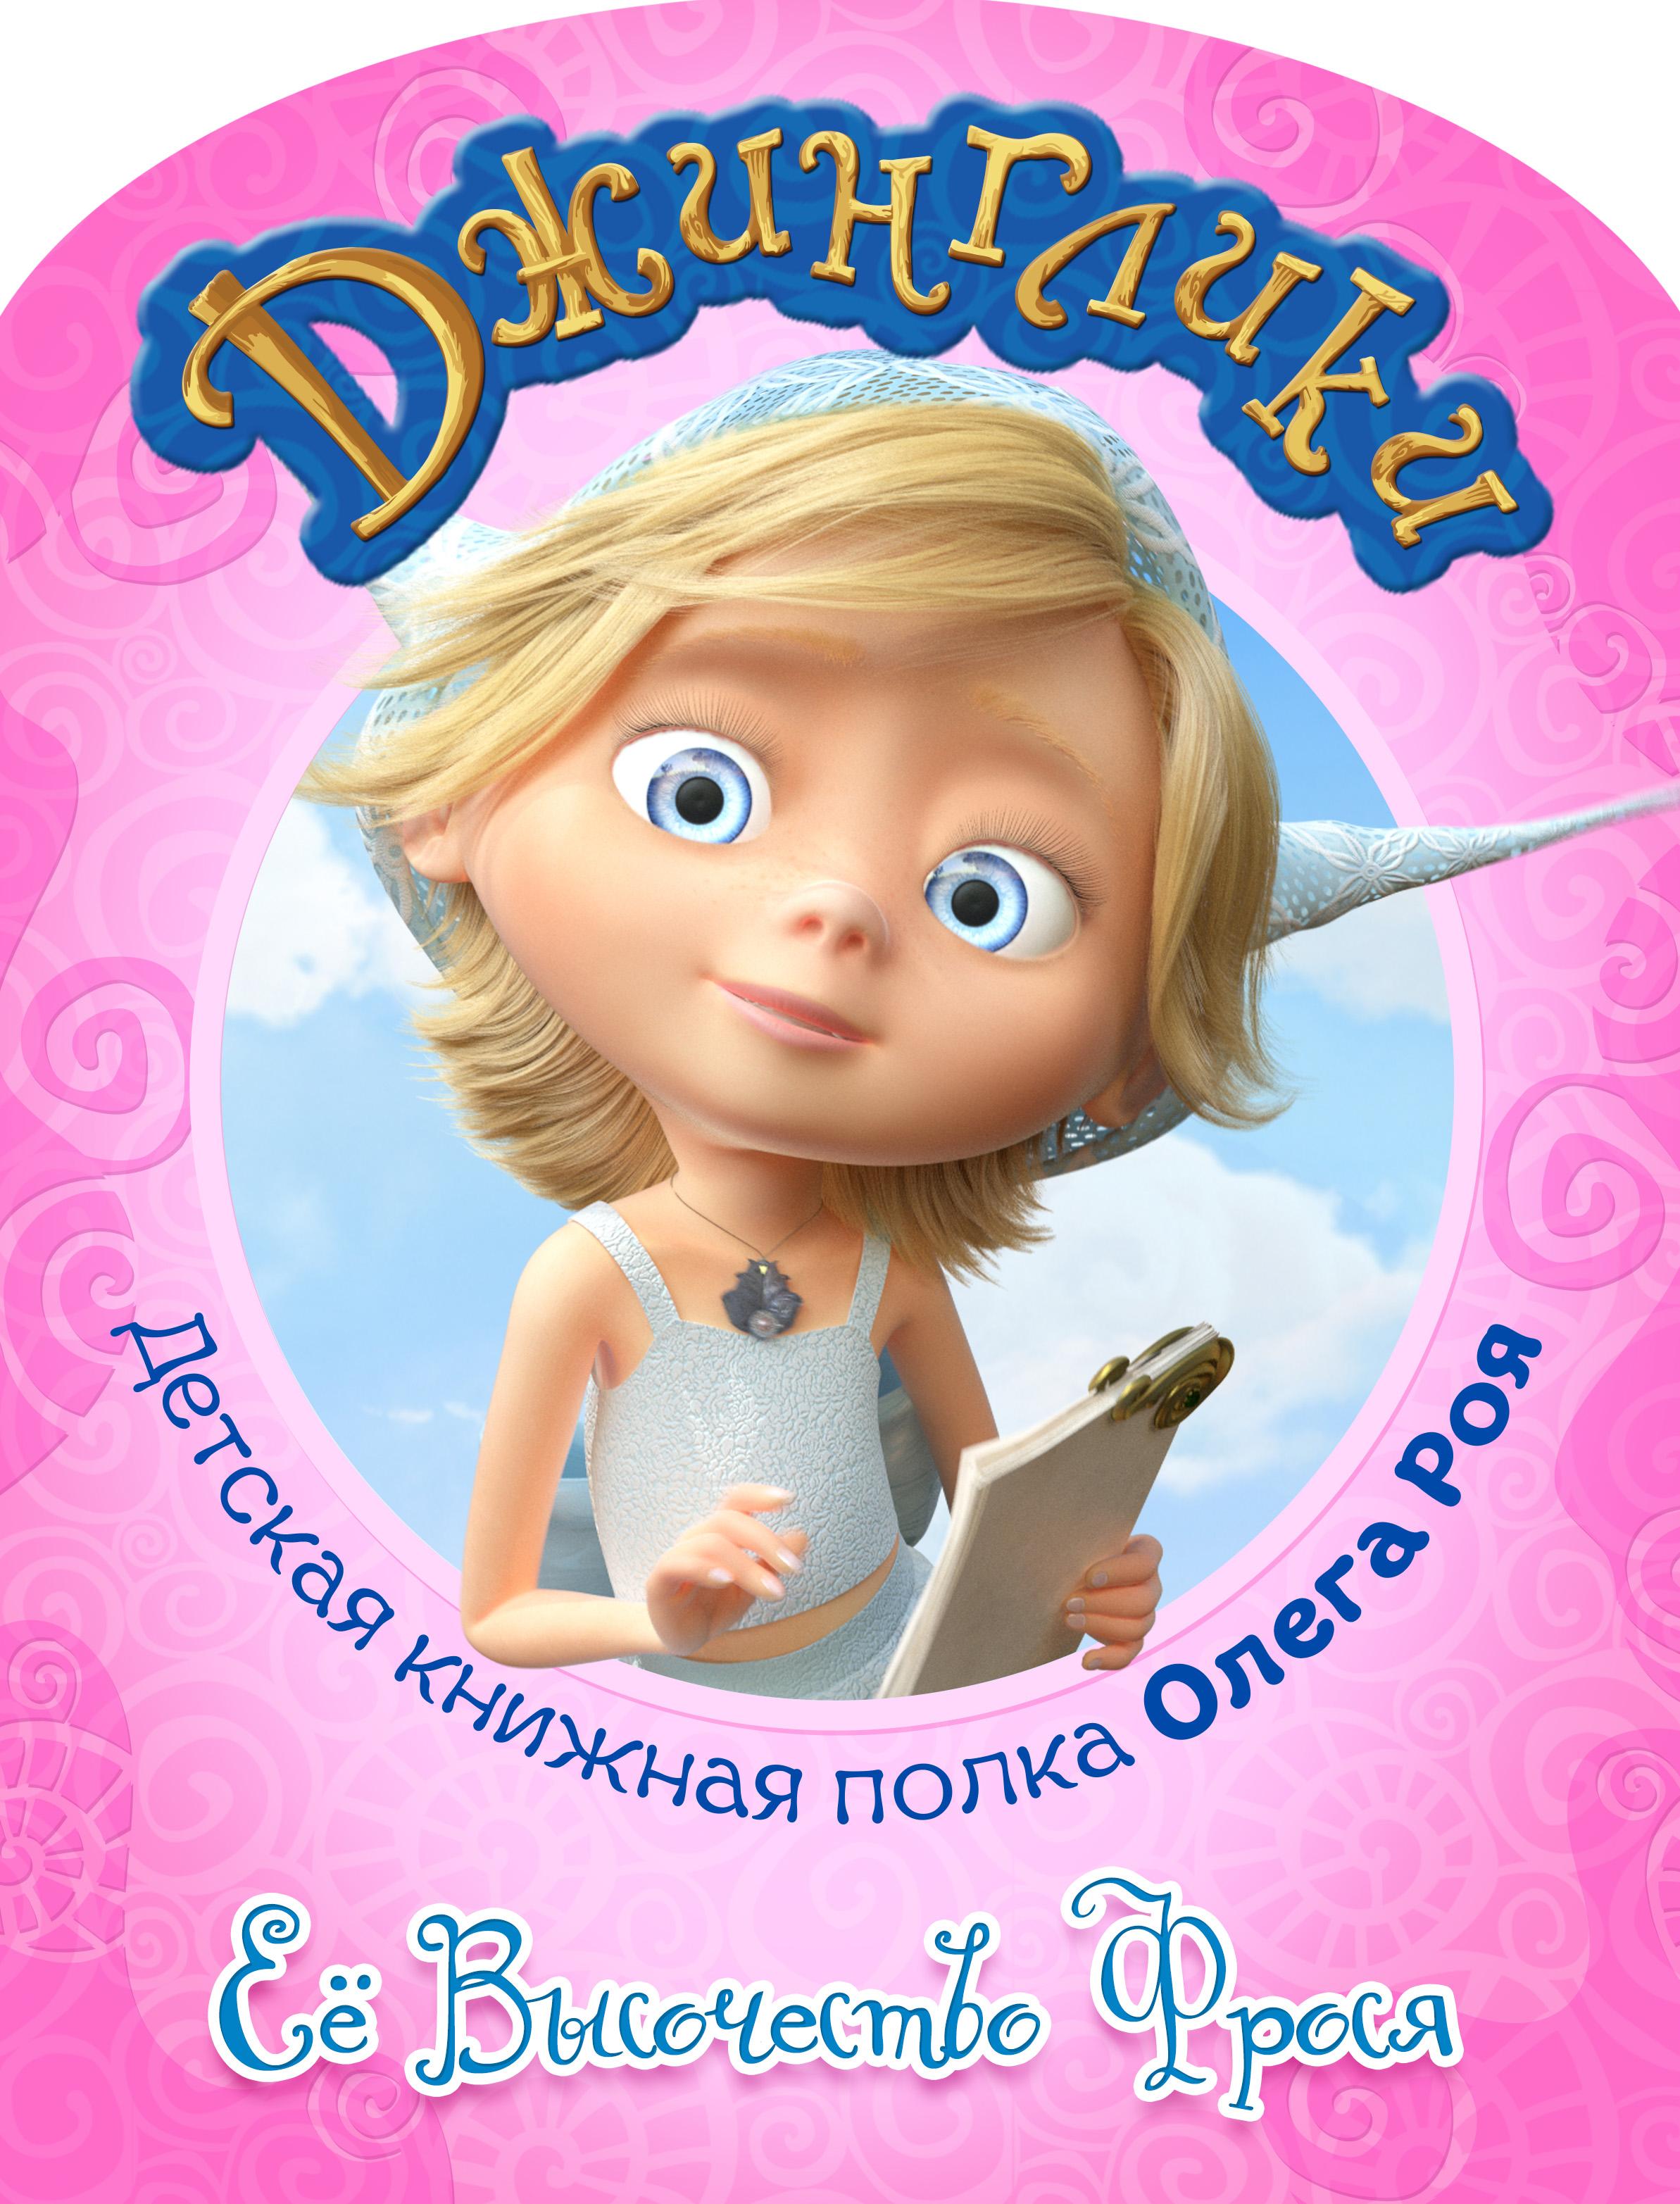 Олег Рой Её Высочество Фрося (с цветными иллюстрациями)